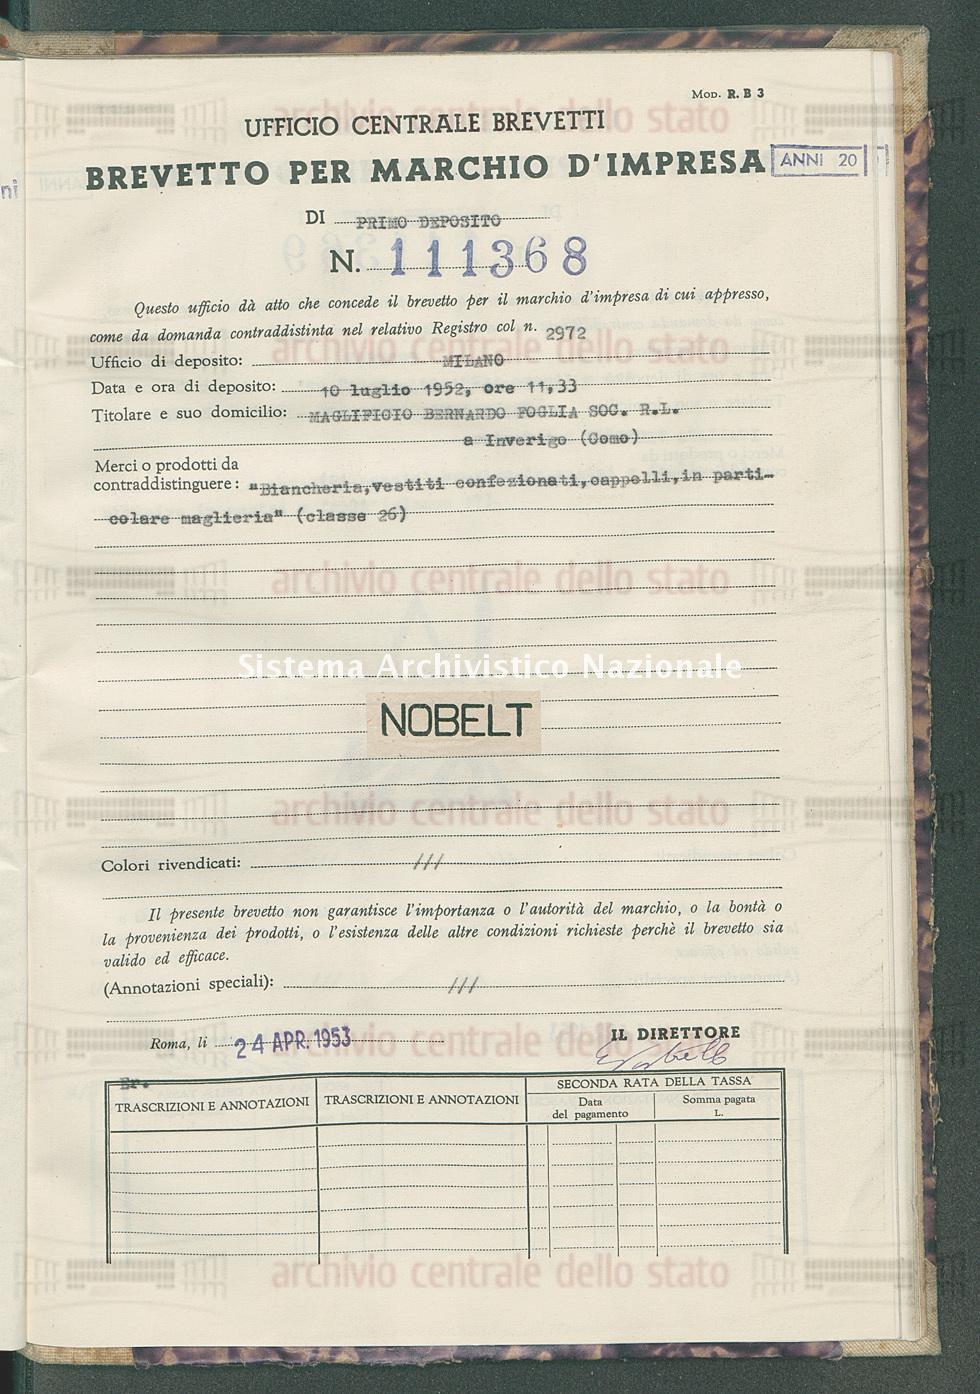 'Biancherie, vestiti confezionati, cappelli, in particolare maglieria' Maglificio Bernardo Foglia Soc.R.L. (24/04/1953)